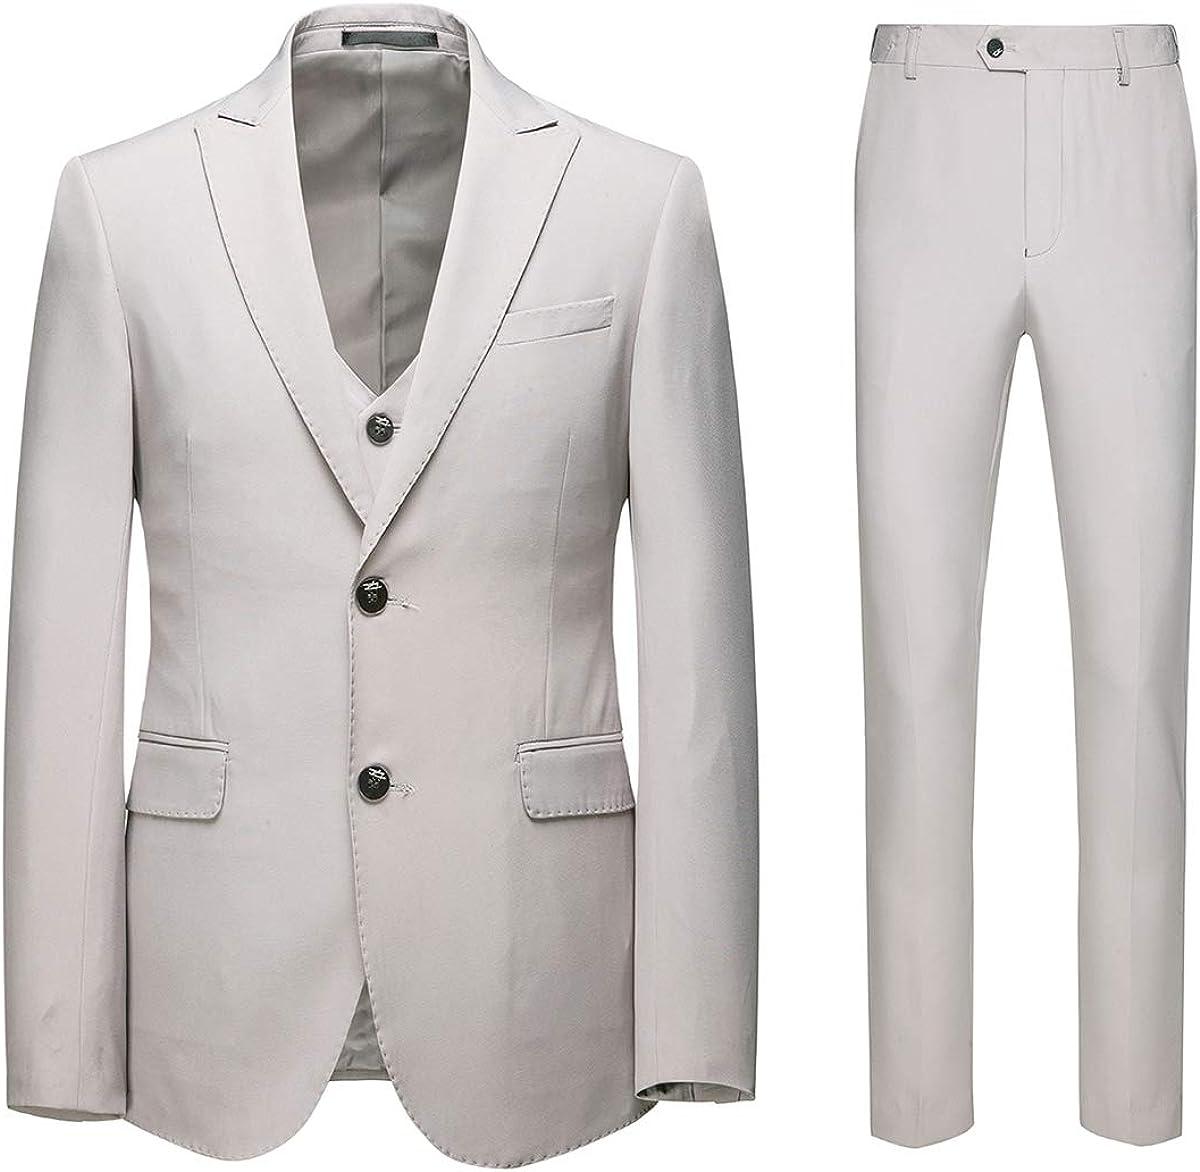 AOWOFS Traje elegante de 3 piezas para hombre, corte ajustado, con dos botones, para bodas de negocios